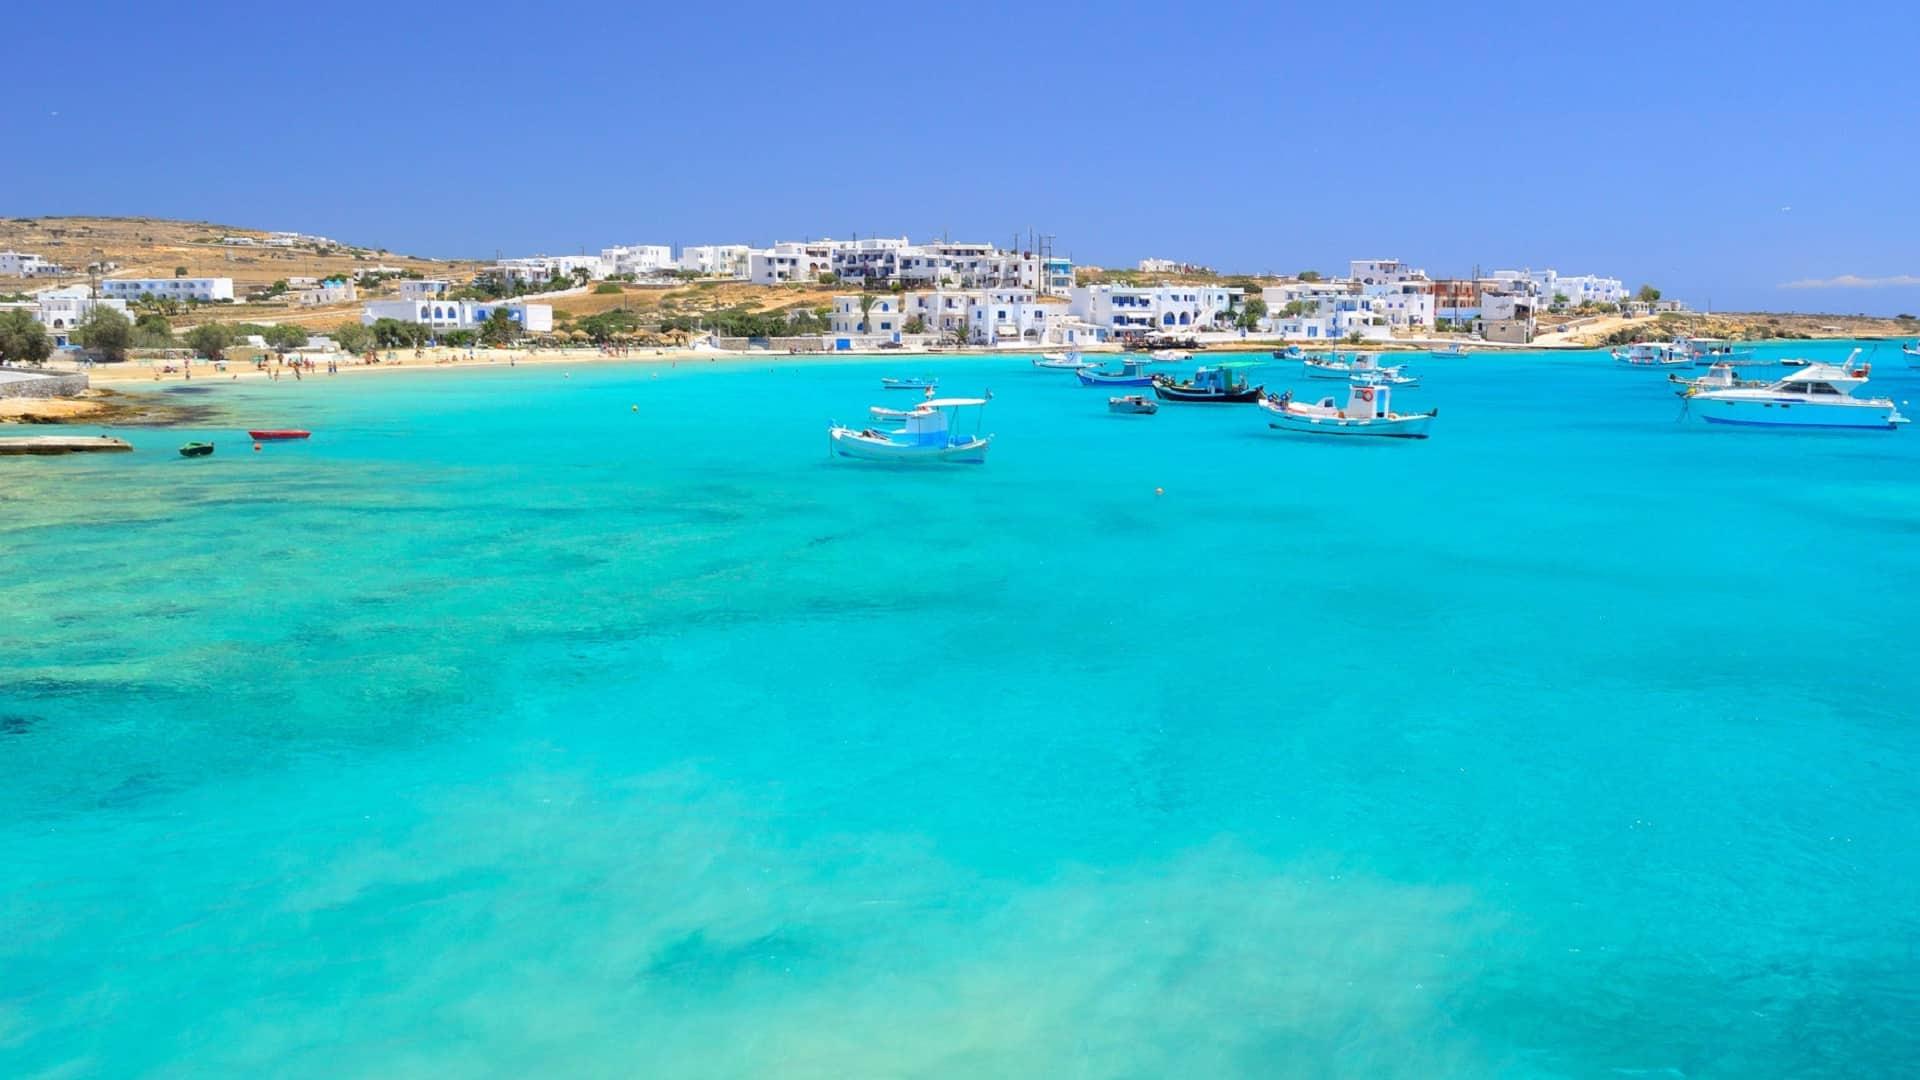 Girando per le Piccole Cicladi Naxos, Schionoussa, Koufonissi